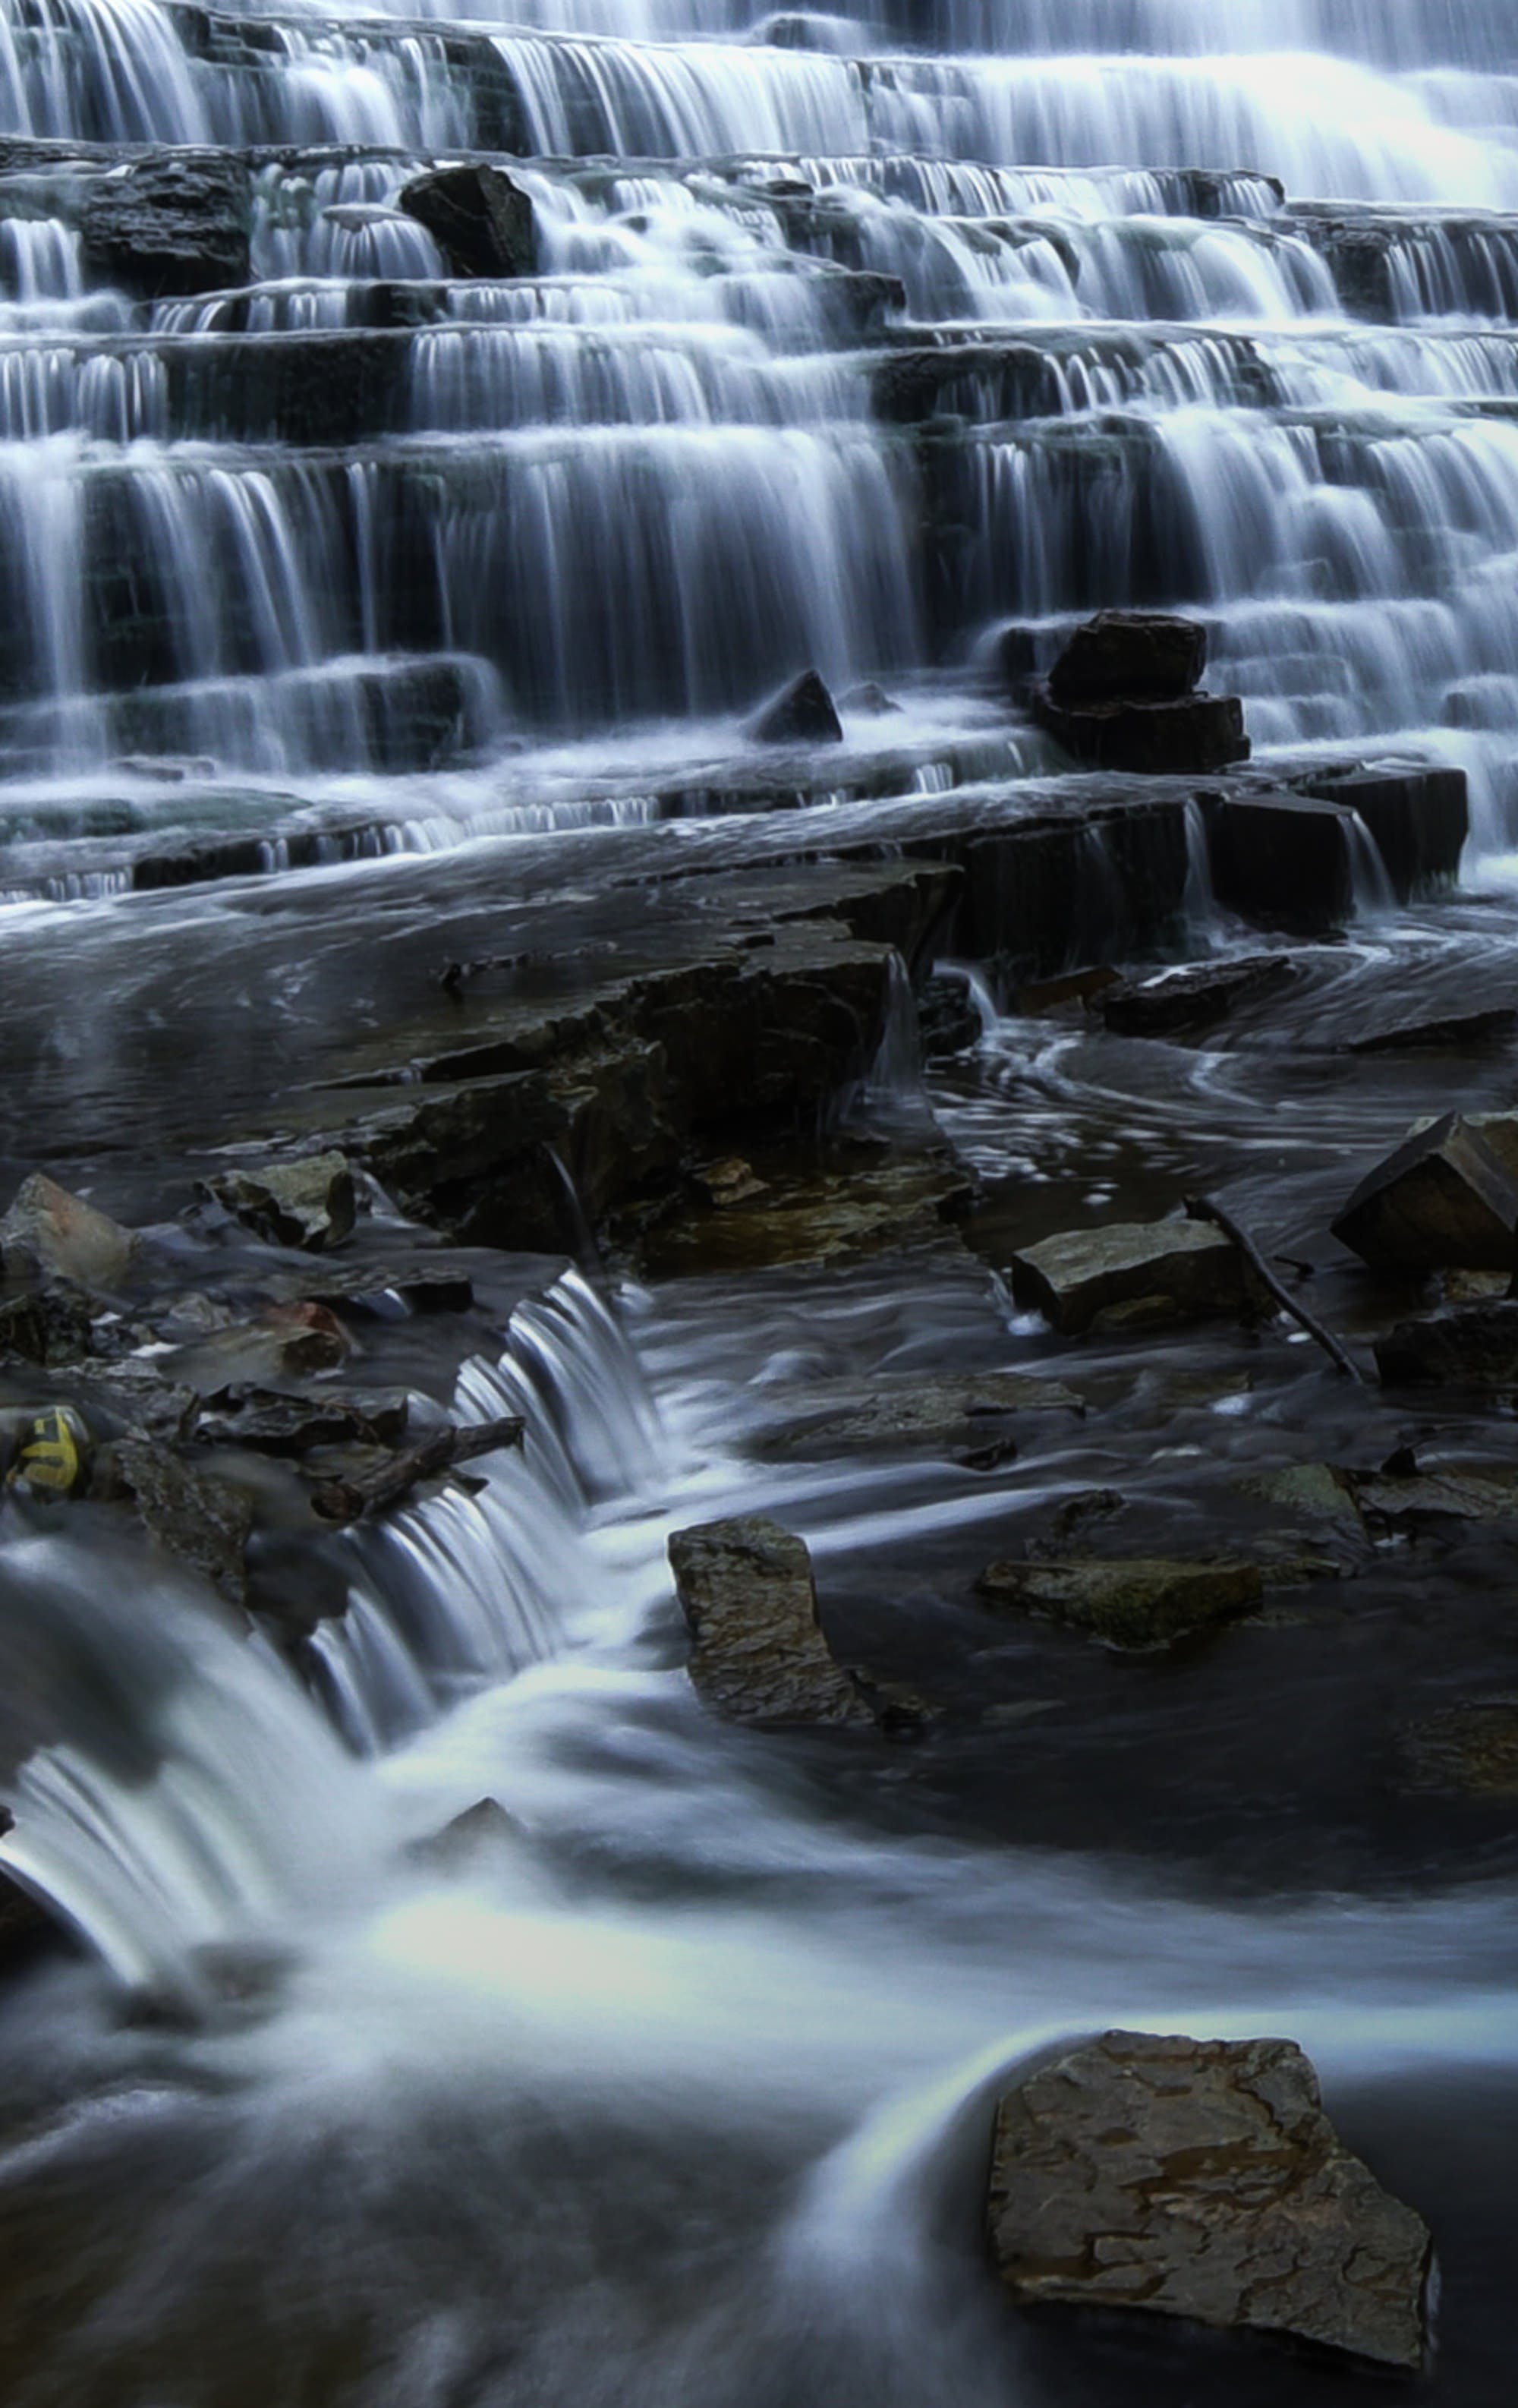 Fotos de stock gratuitas de agua, cámara rápida, cascadas, caudal